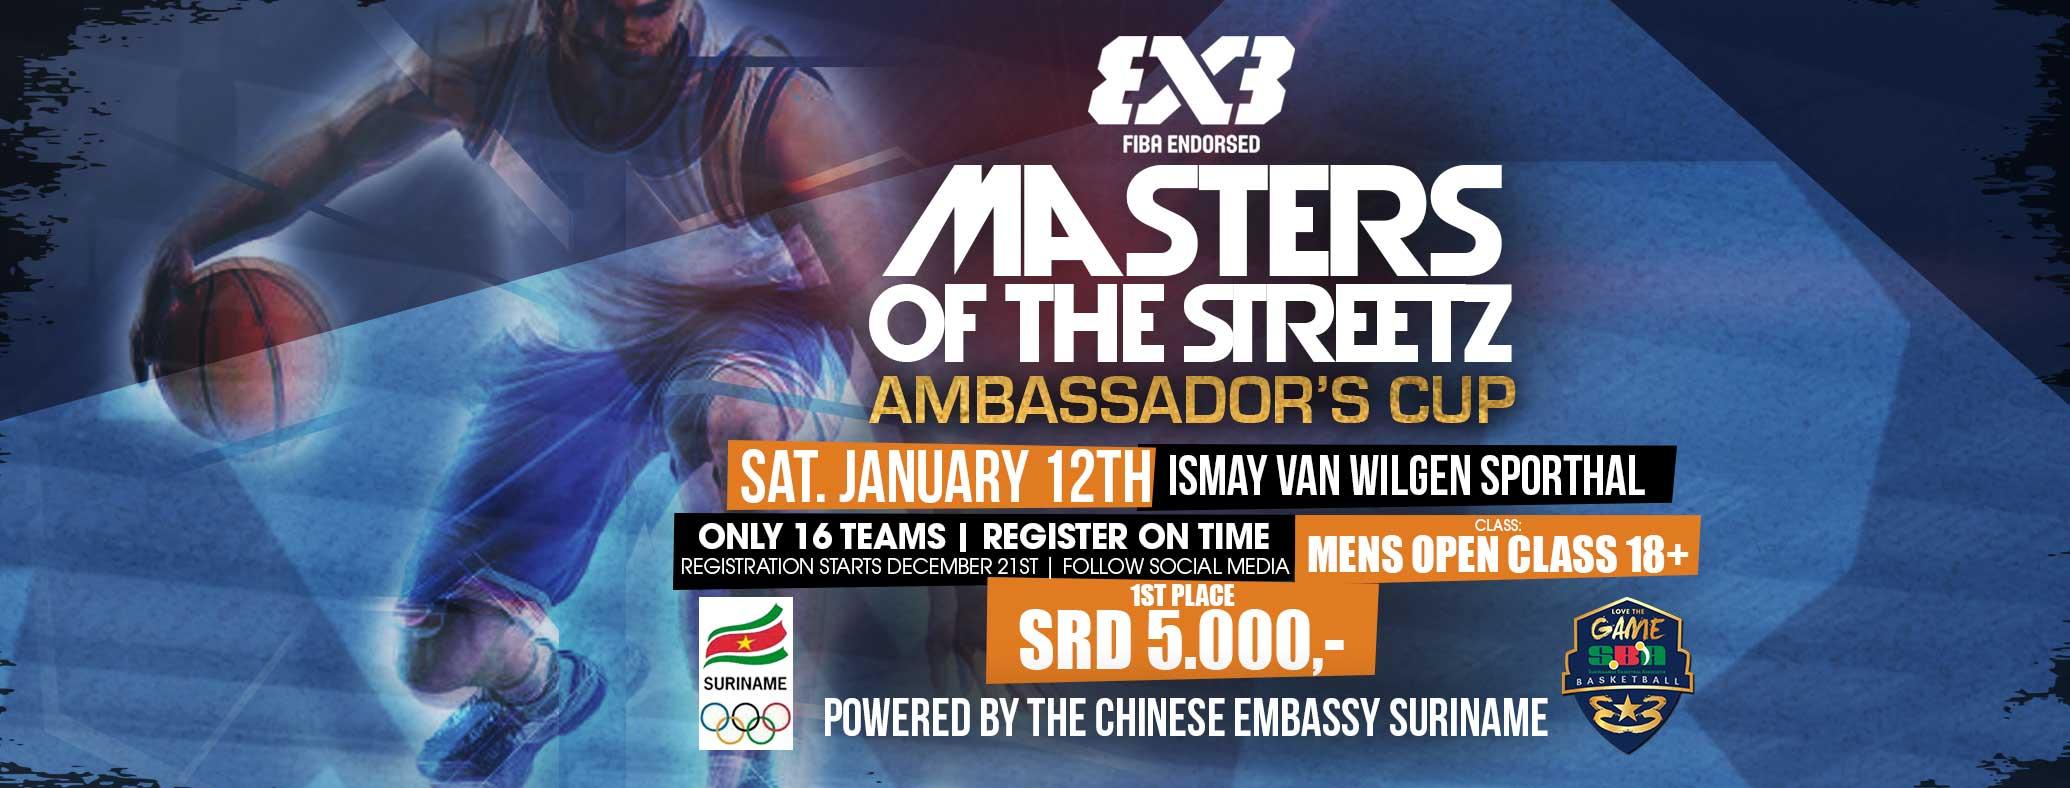 Ambassadors_Cup_FB_Cover(Web)